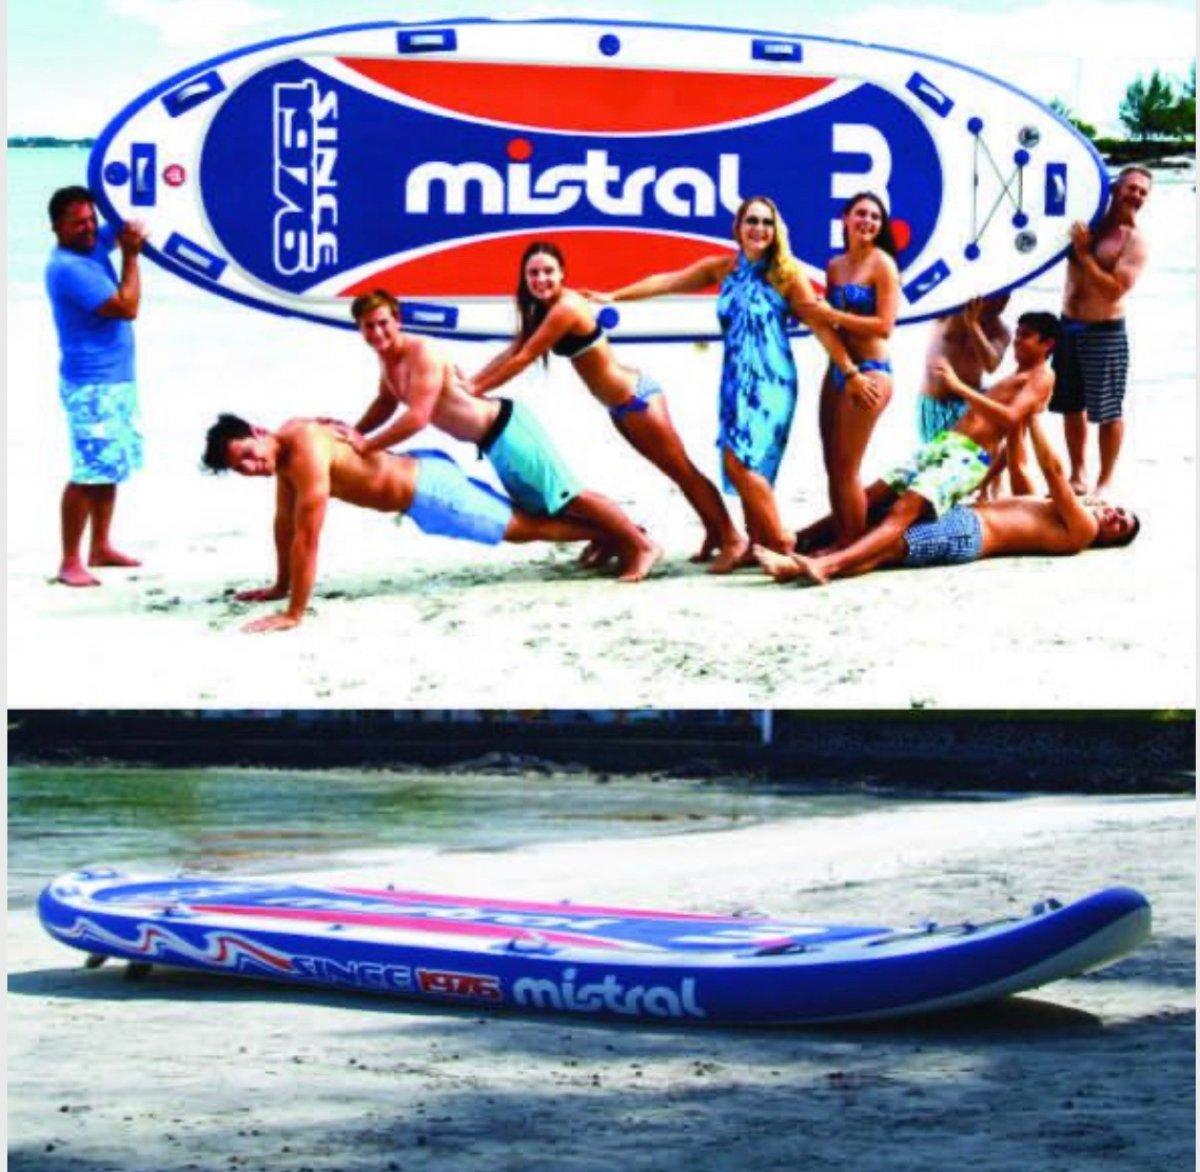 Mistral Big SUP